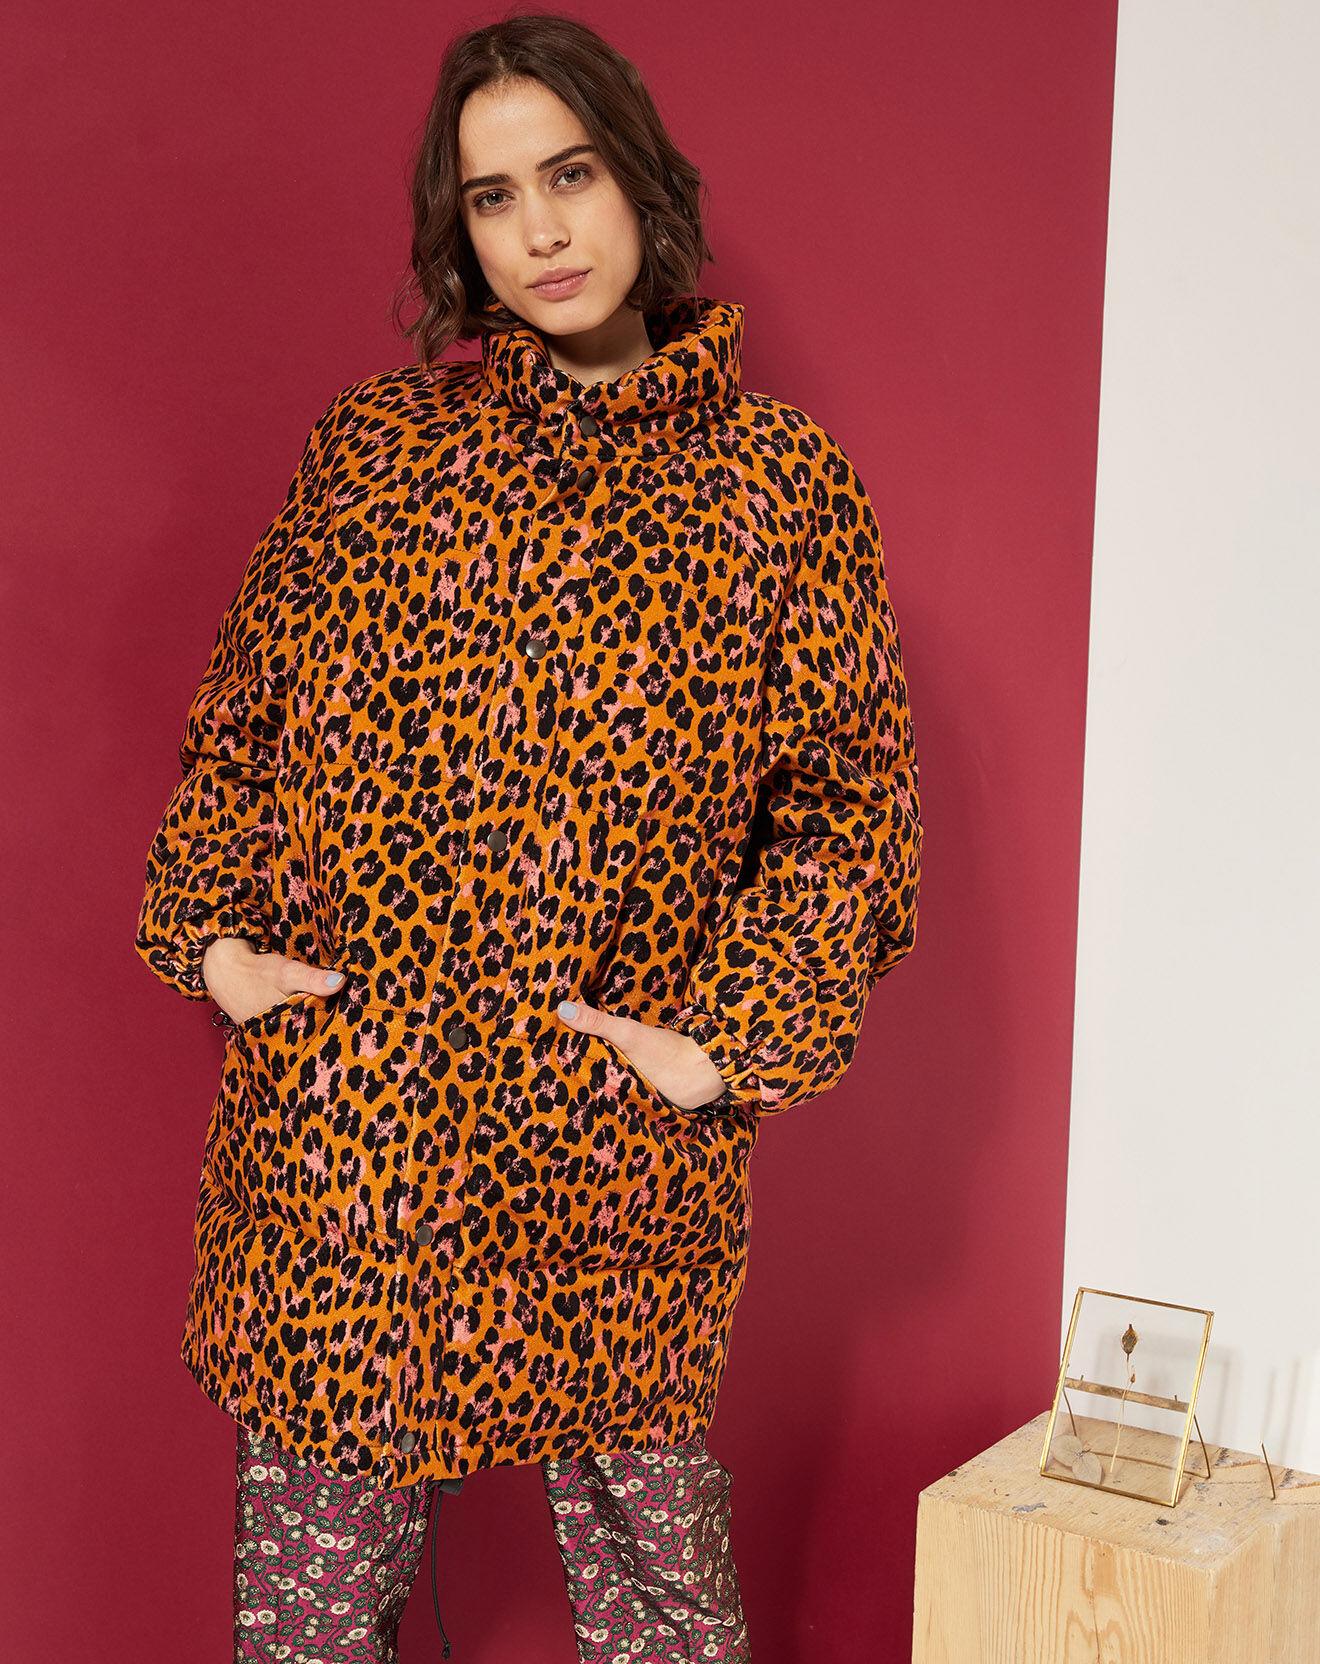 Veste matelassée en Coton imprimé léopard orange/noir